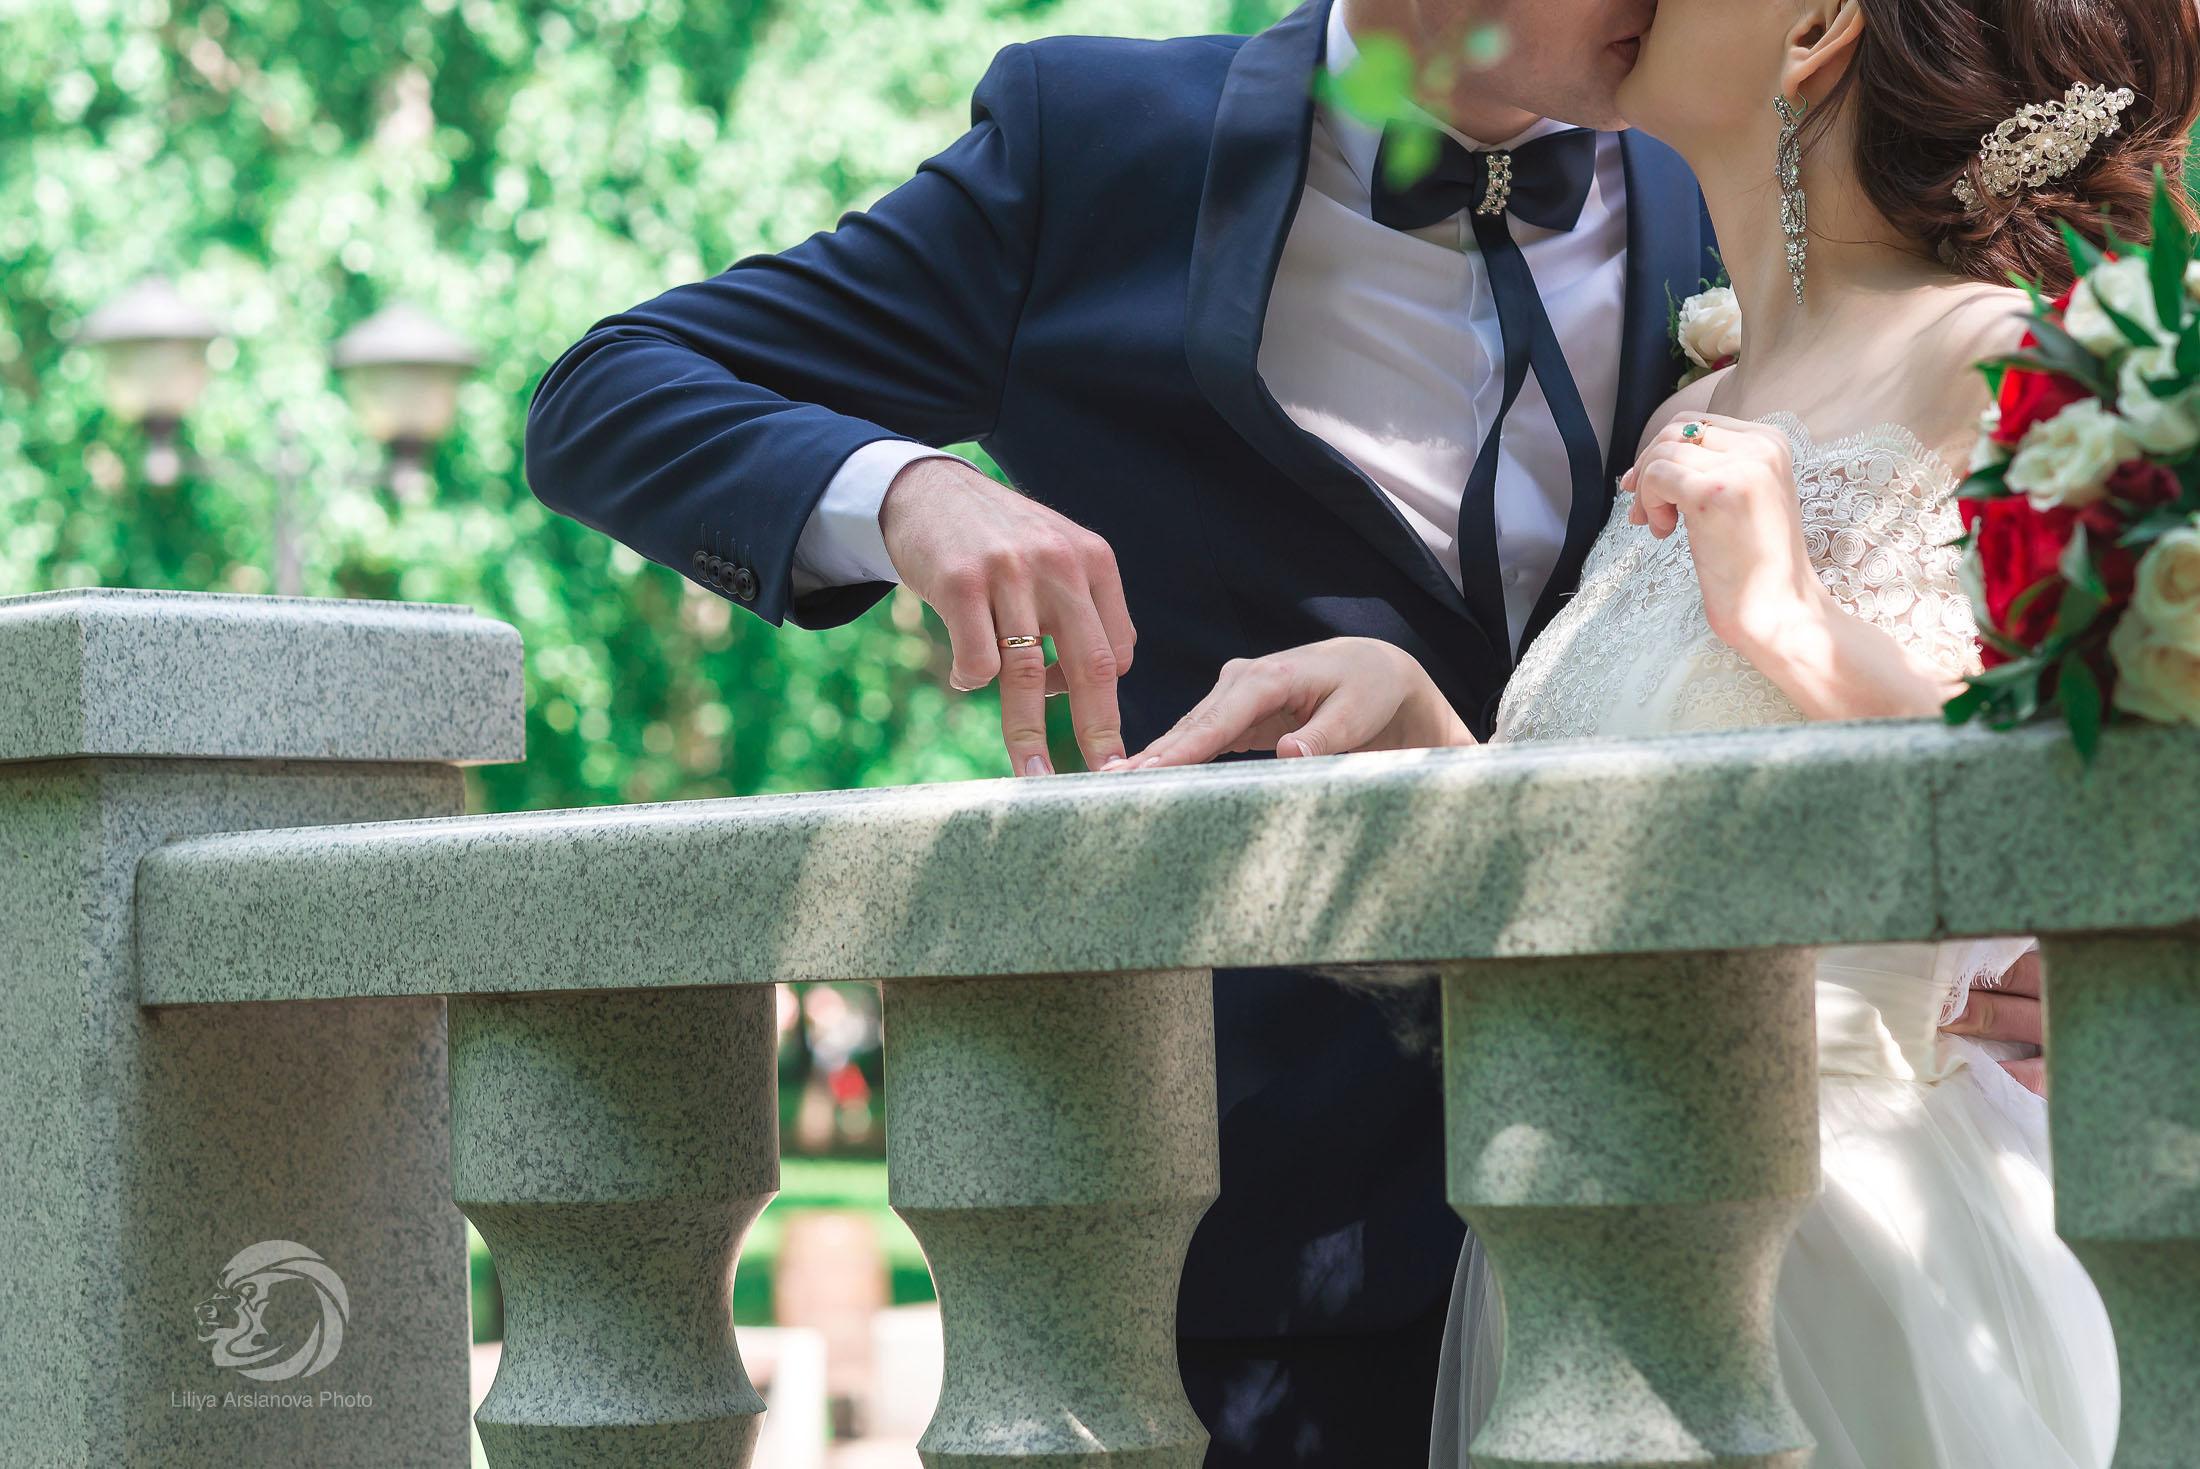 Свадебный фотограф Стерлитамак цена, фотограф на свадьбу Стерлитамак, свадебный фотограф Красноусольск, невеста и жених фотограф Лилия Арсланова свадьба Стерлитамак фотосъёмка кольца на свадьбу rings пальчики